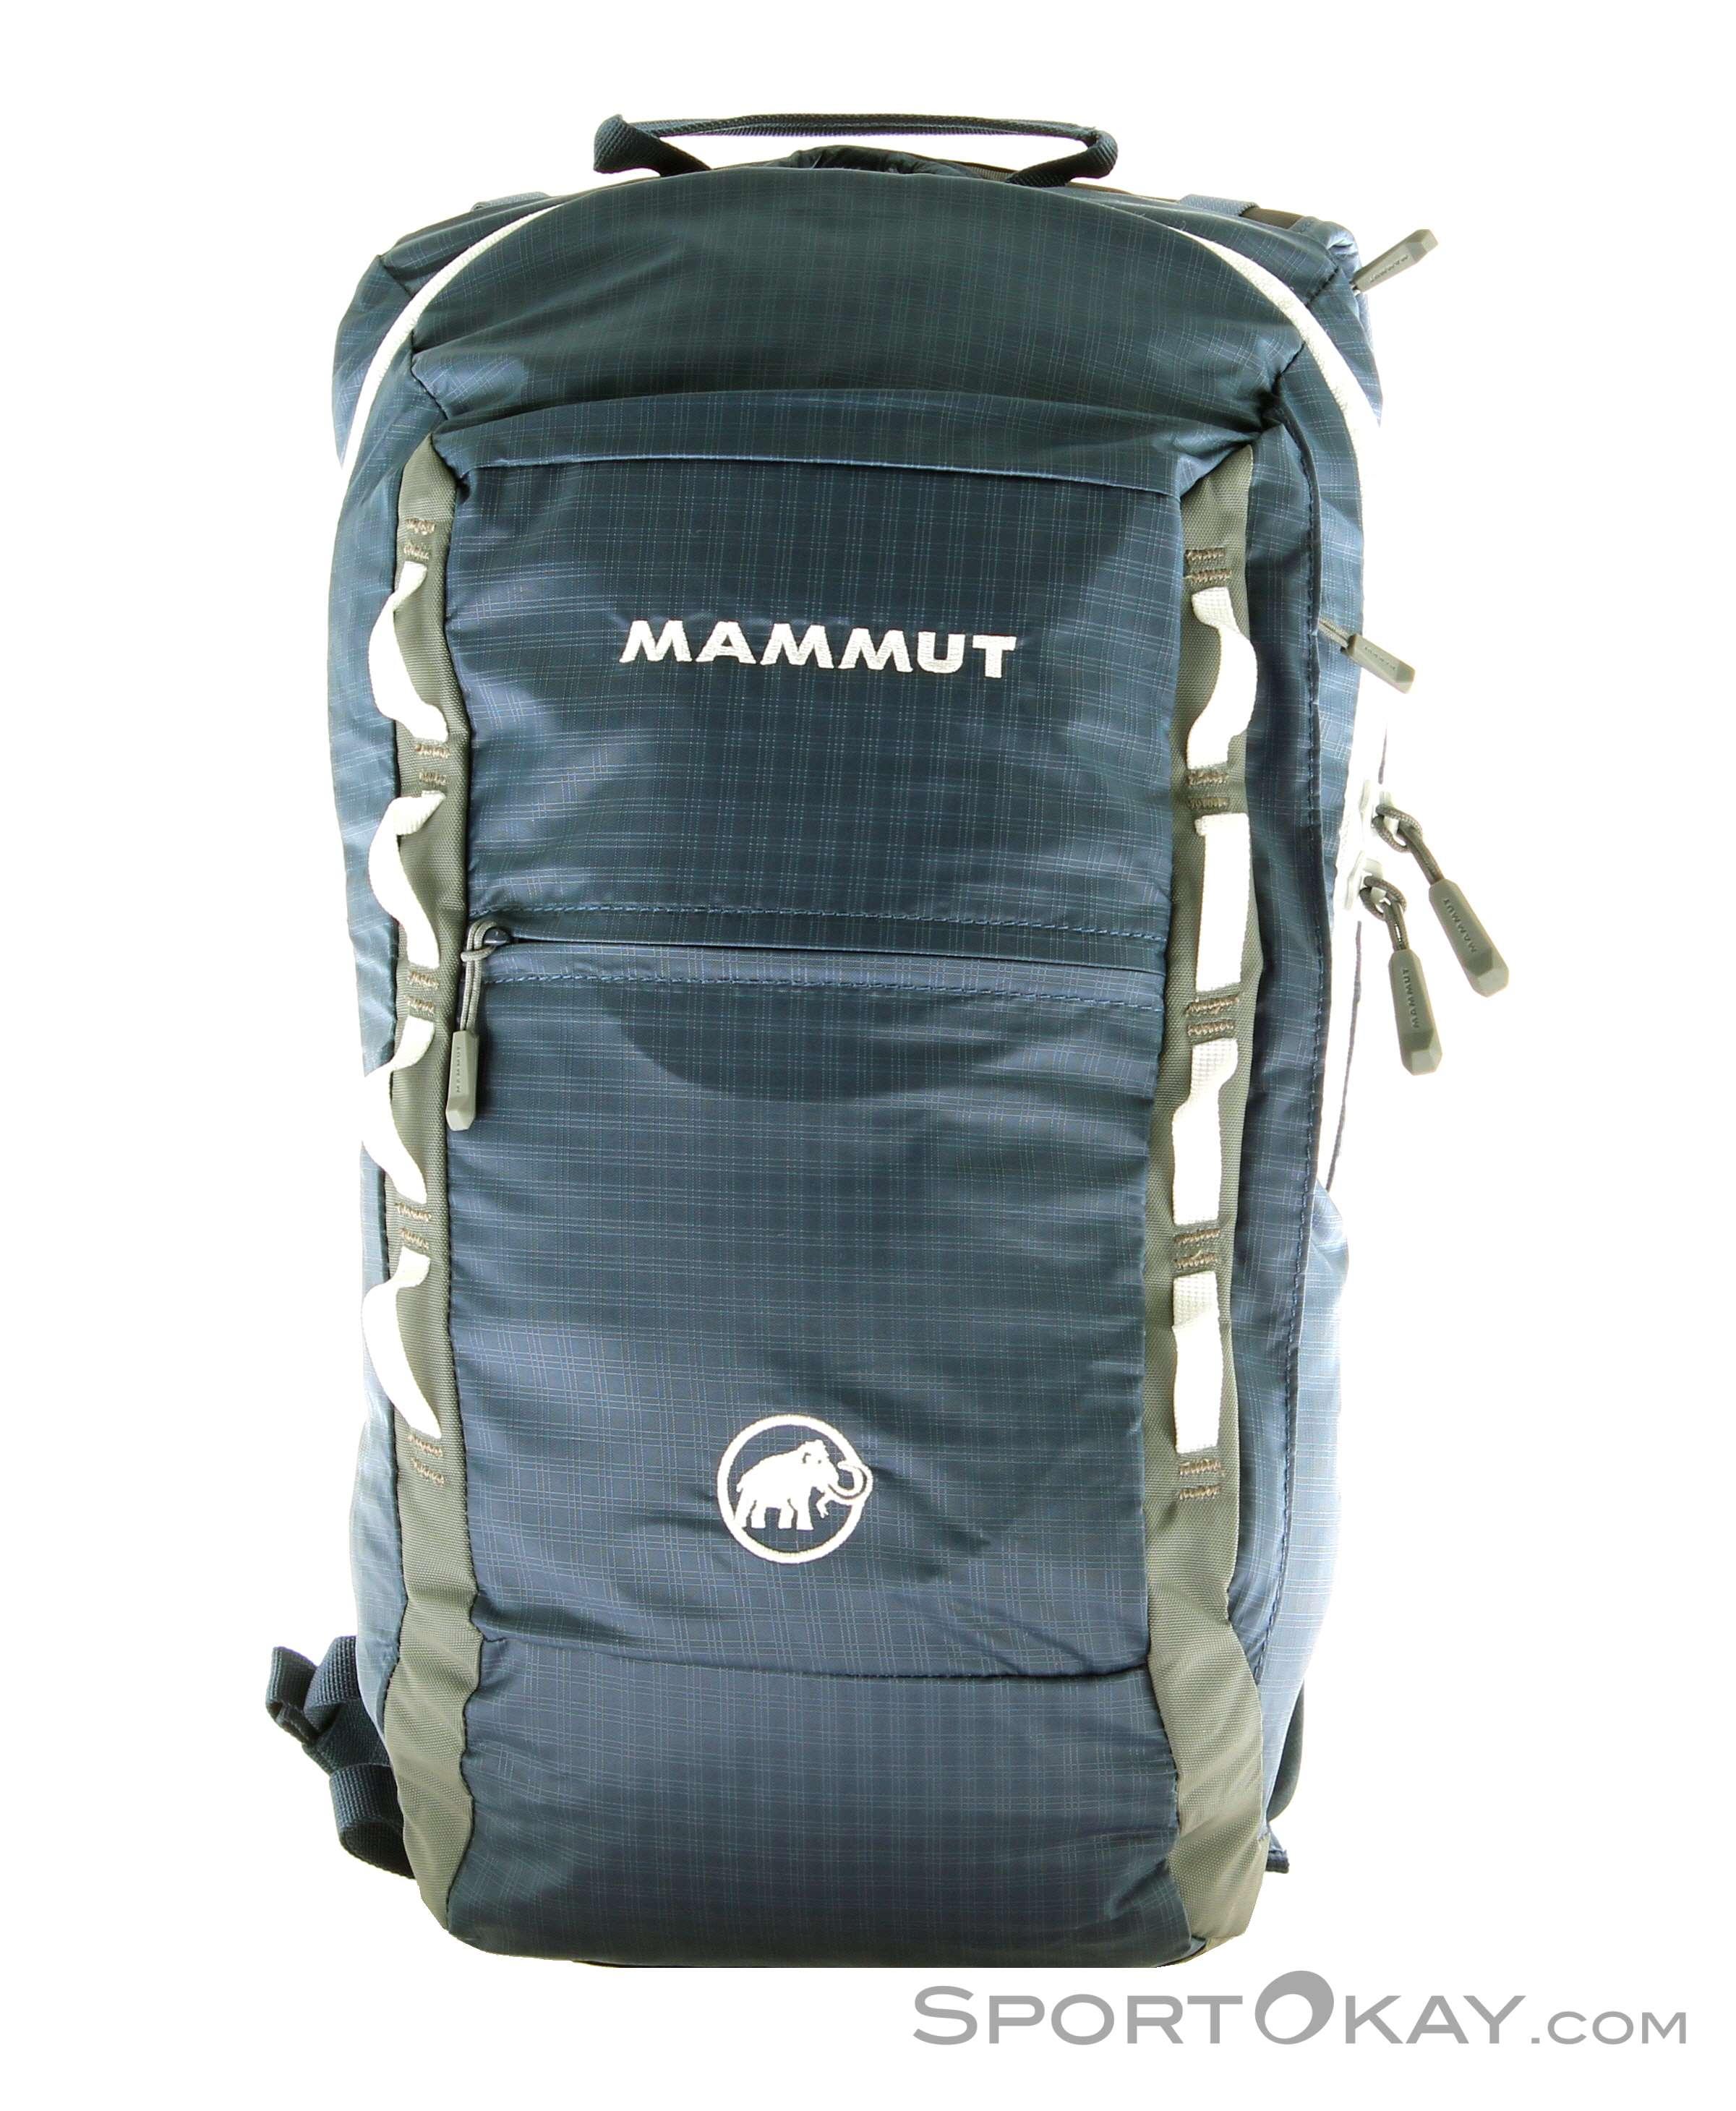 Mammut Neon Light 12l Rucksack, Mammut, Türkis, , Herren, 0014-10424, 5637580400, 7613357202213, N1-01.jpg